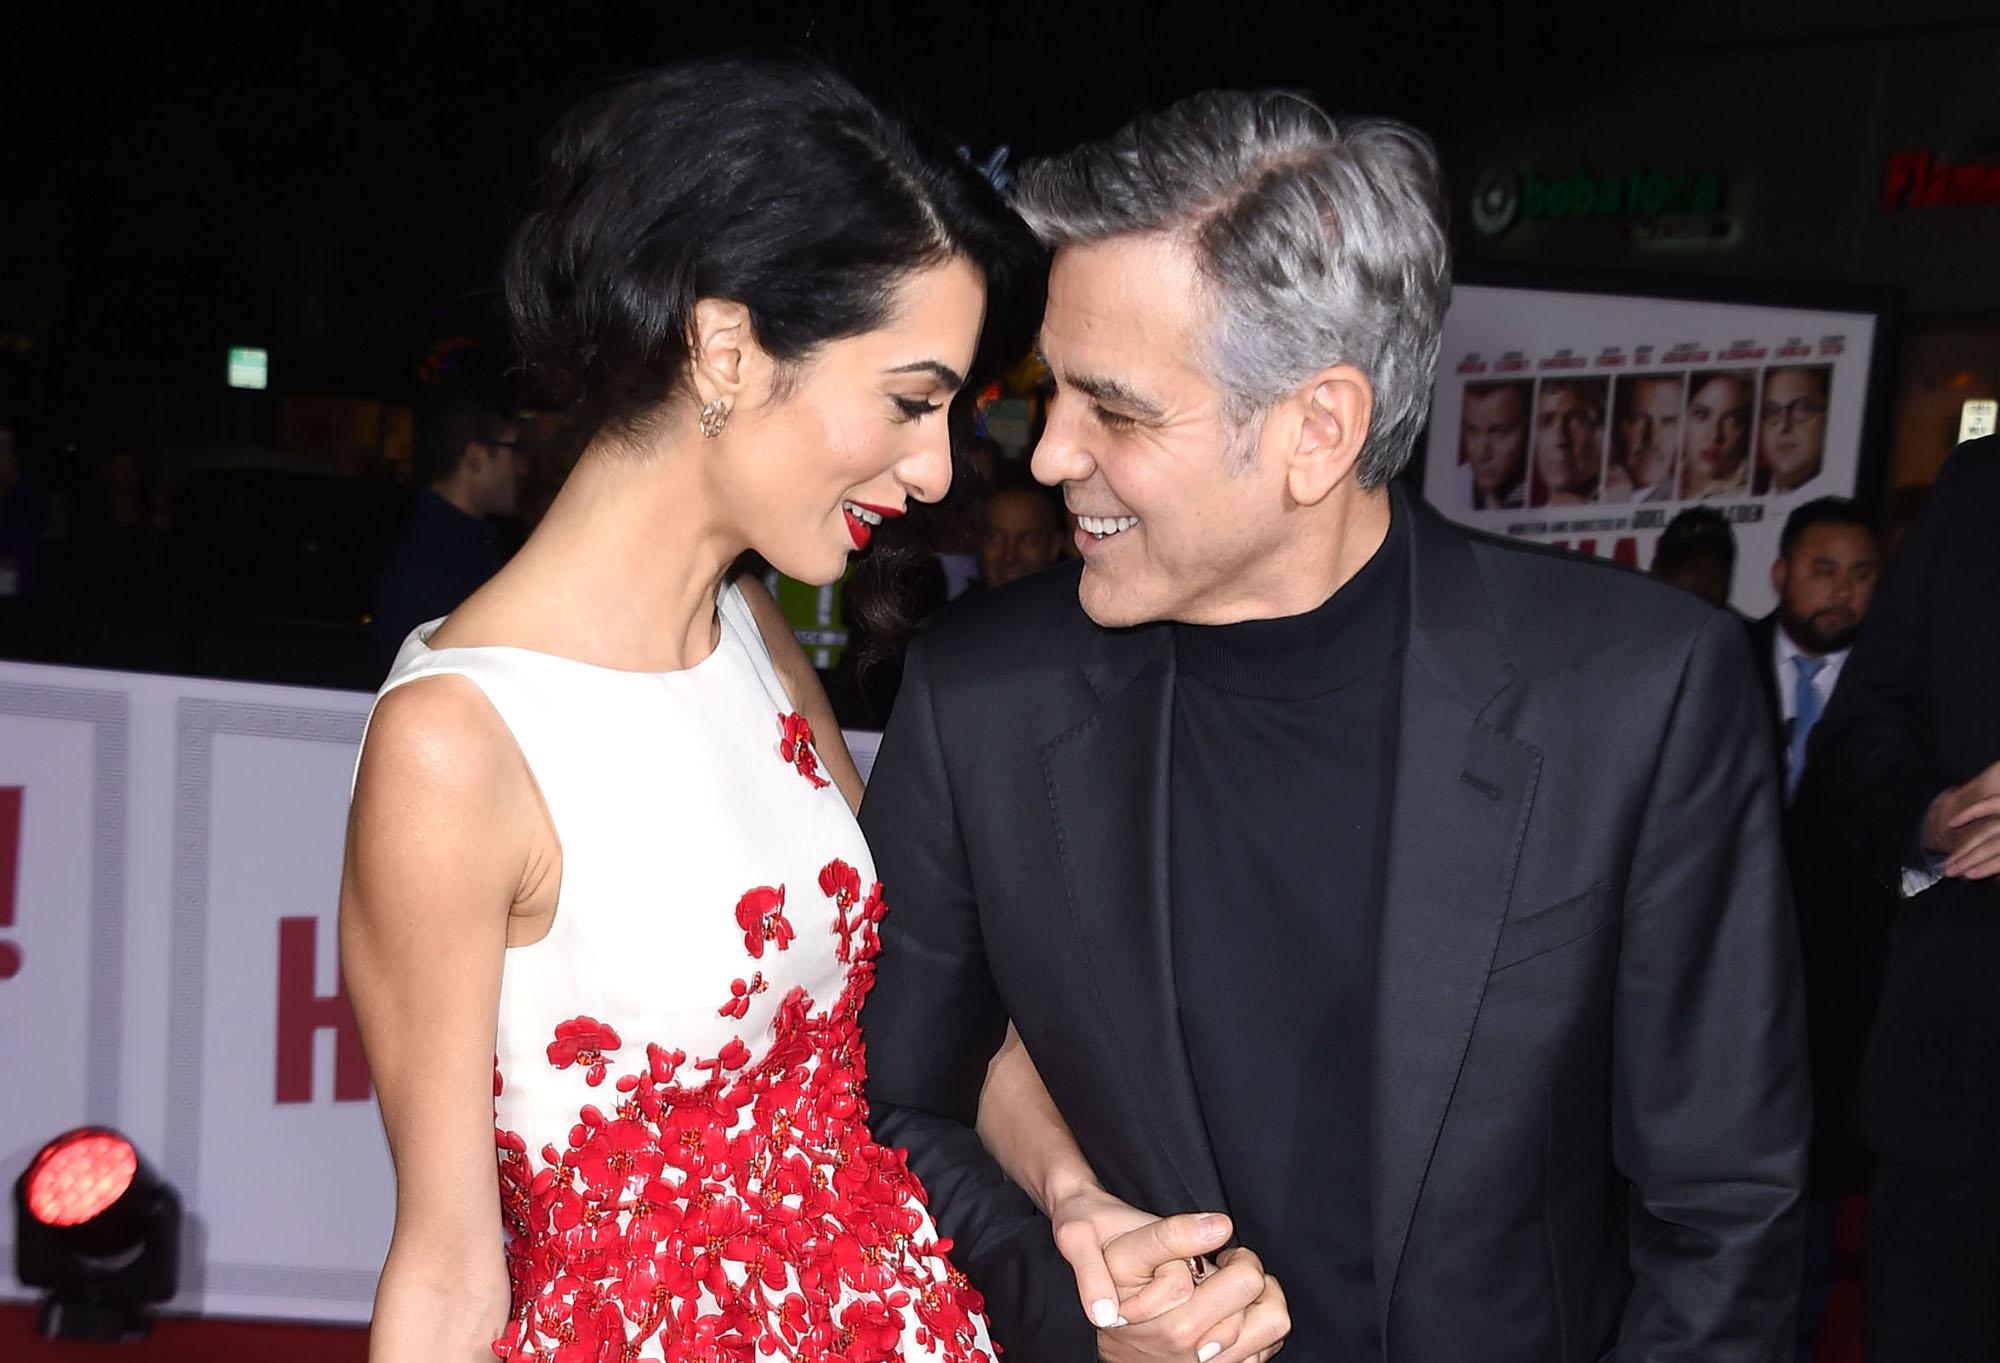 Soţia lui George Clooney, Amal, a născut gemeni